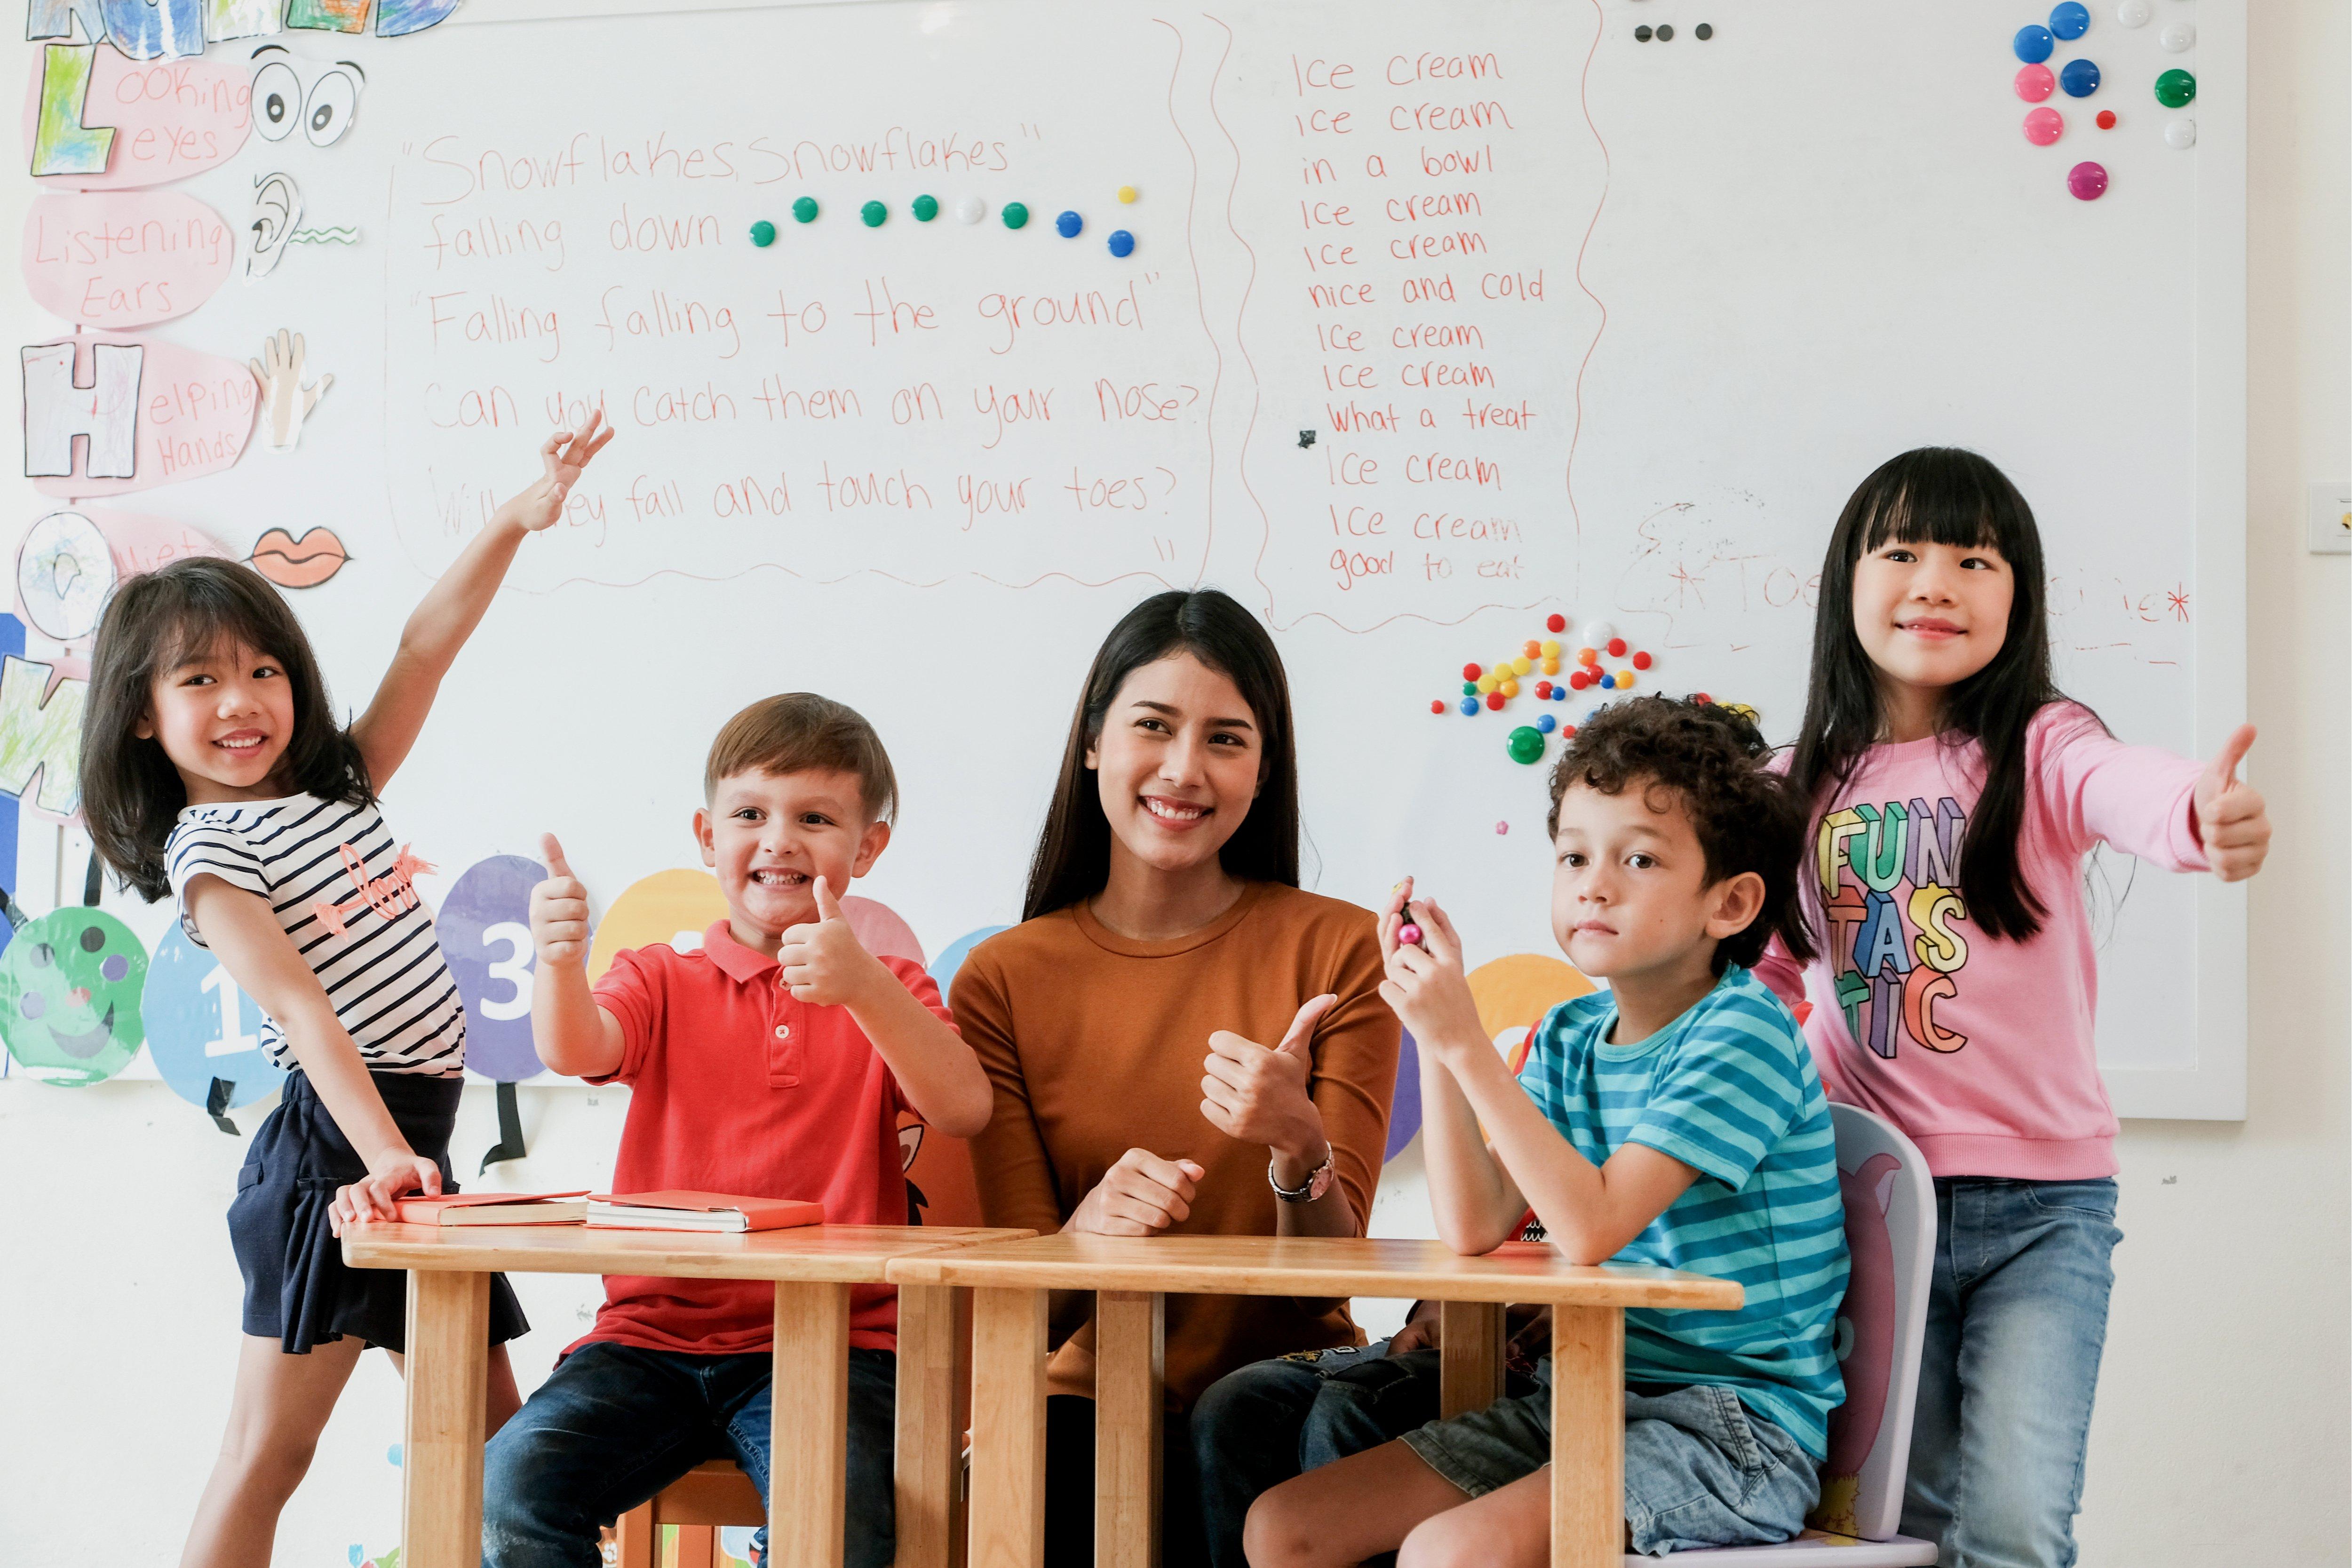 子どもの習い事、いつが始め時? やめたいと言われたらどうする?